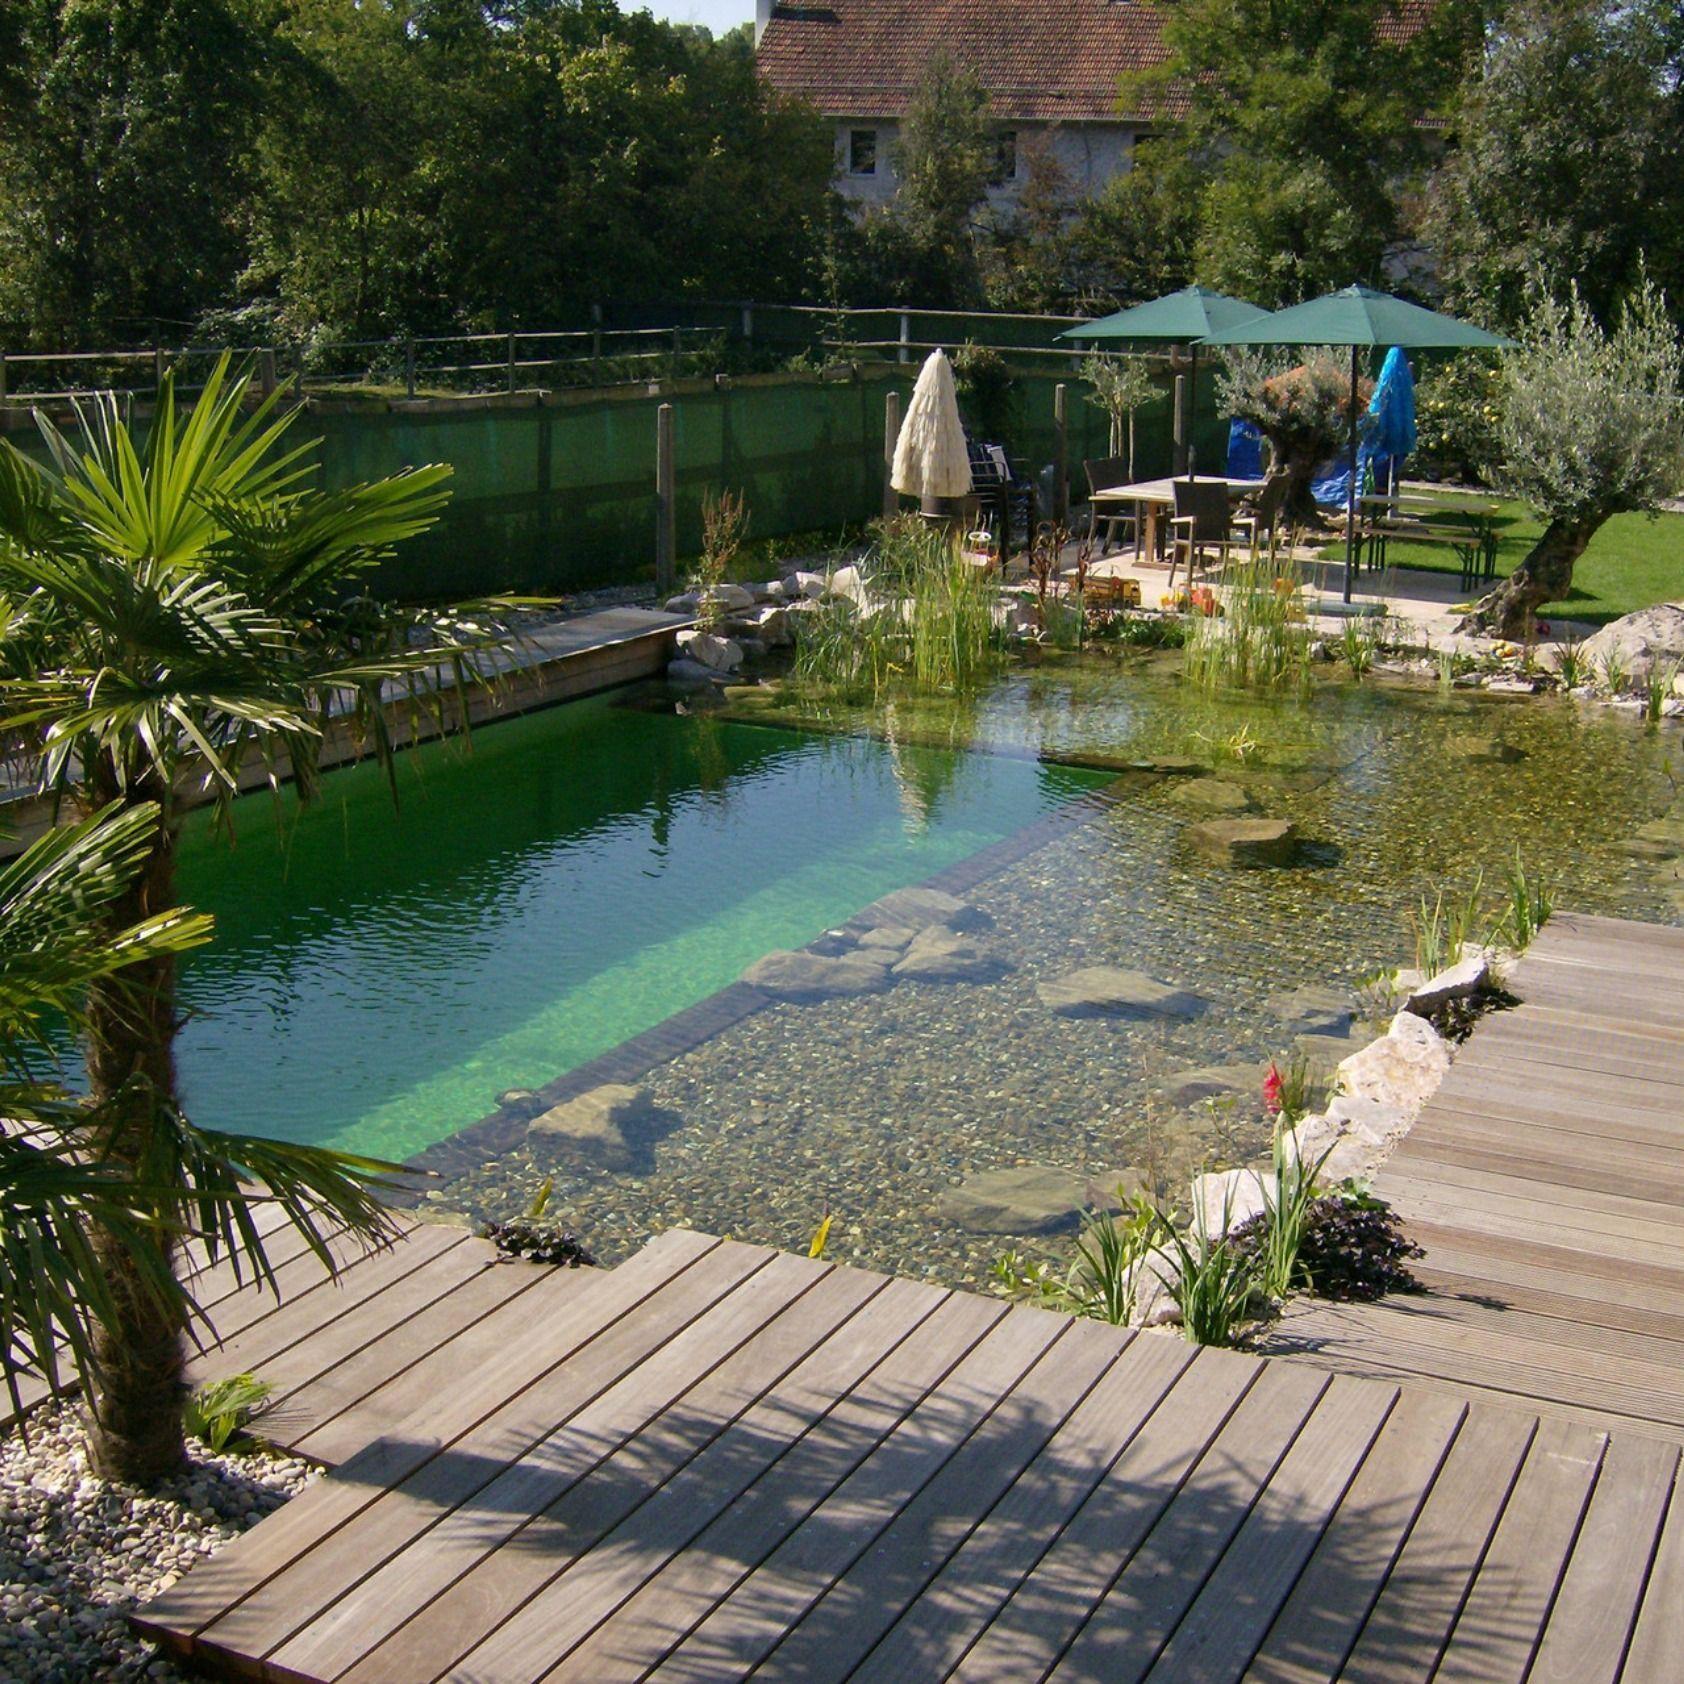 Schwimmteich Ein Traum Von Einem Schwimmteich Wir Werden Oft Gefragt Wie Gross Und Tief Natural Swimming Pools Swimming Pool Designs Pool Landscaping